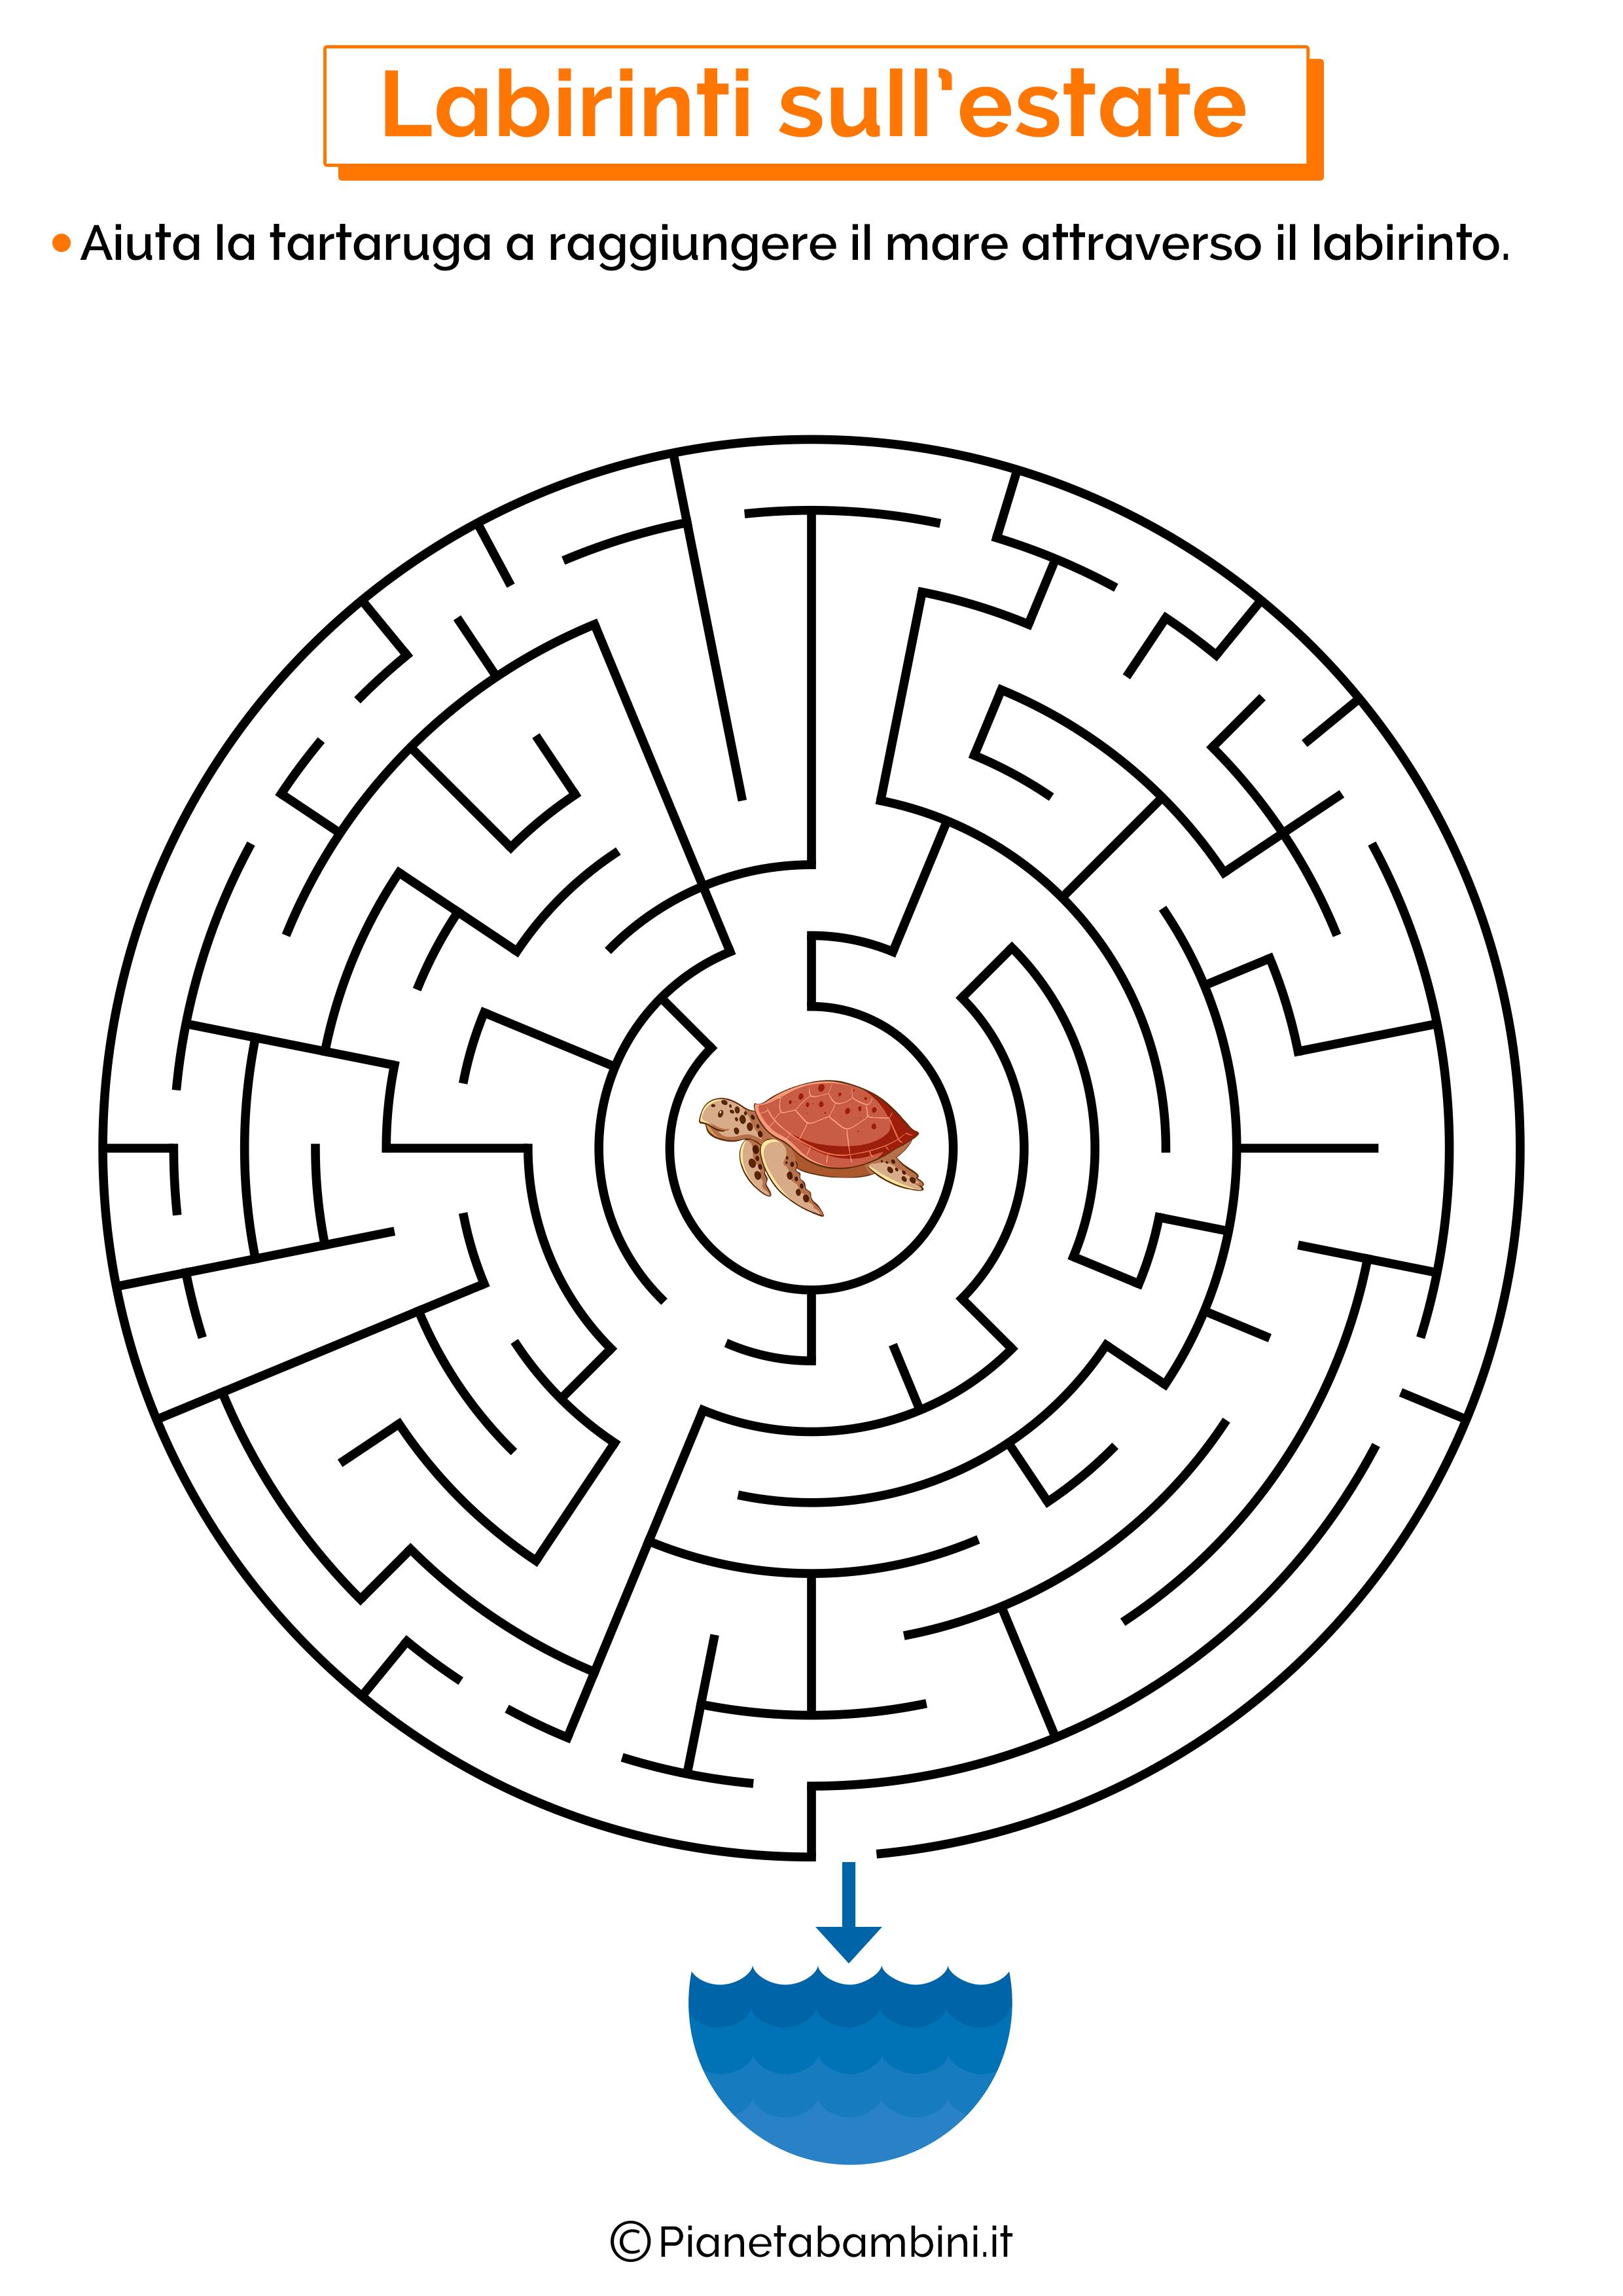 Labirinto sull'estate 07